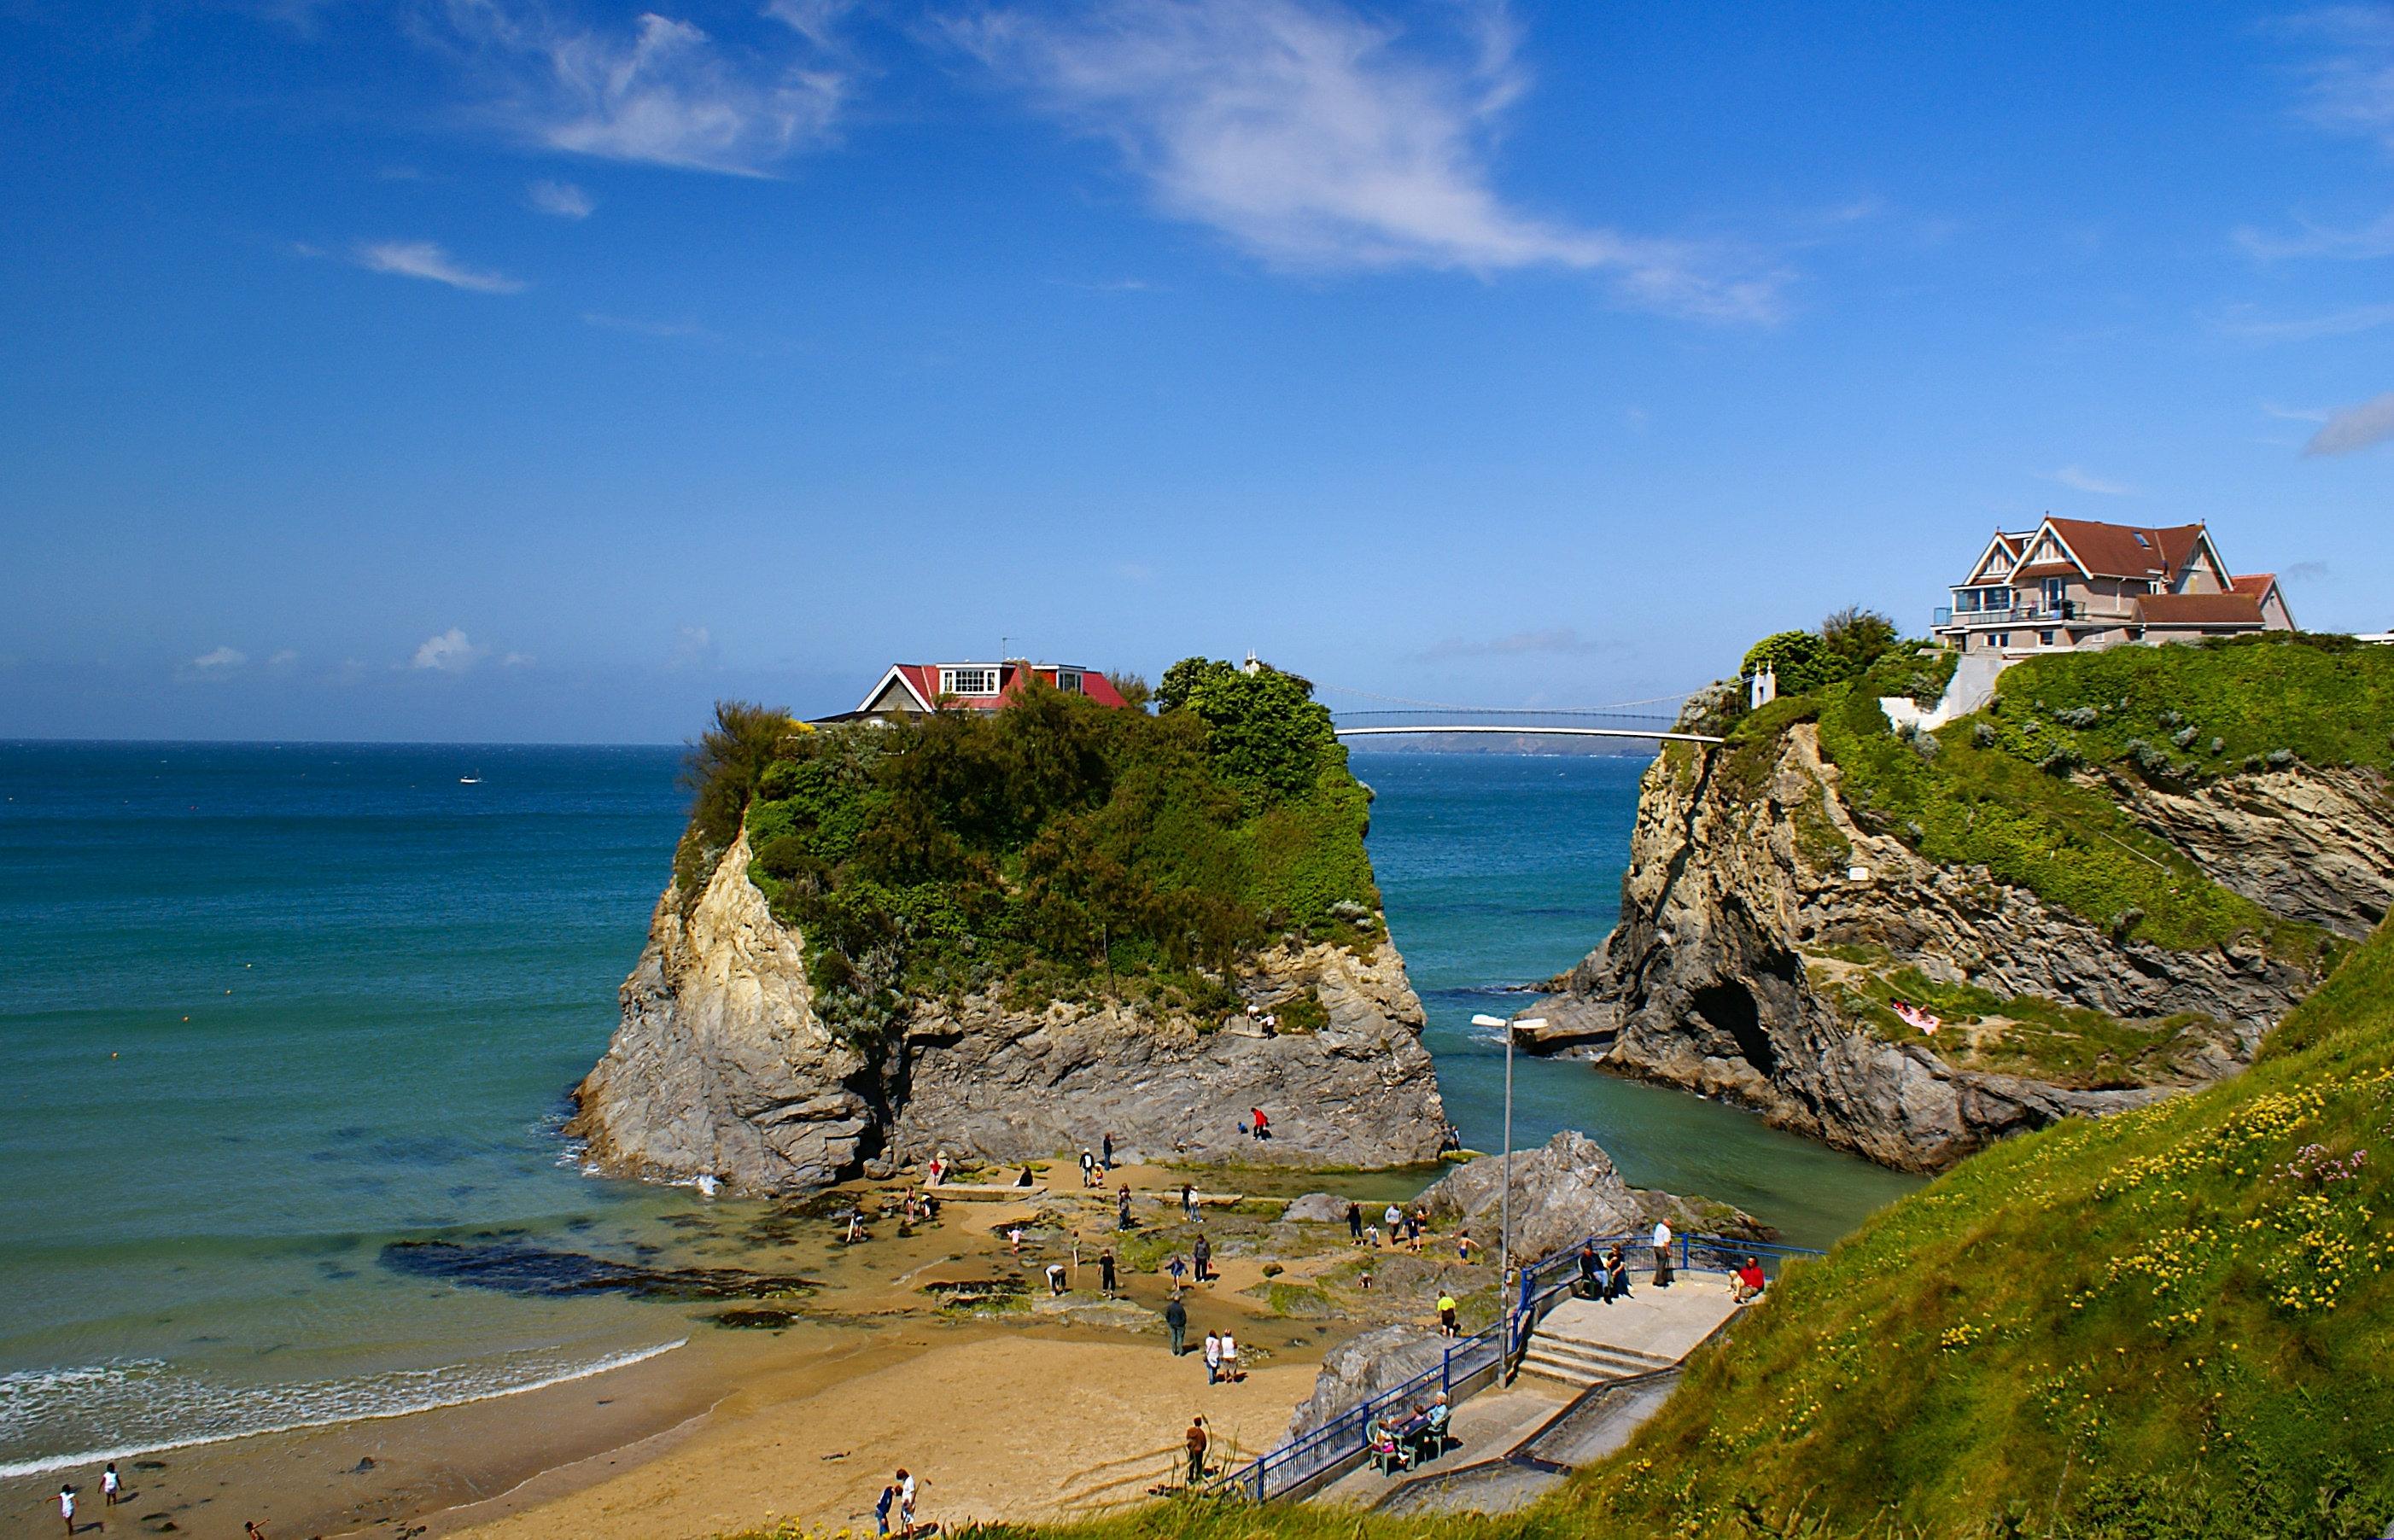 124119 Salvapantallas y fondos de pantalla Mar en tu teléfono. Descarga imágenes de Naturaleza, Mar, Playa, Las Rocas, Rocas gratis